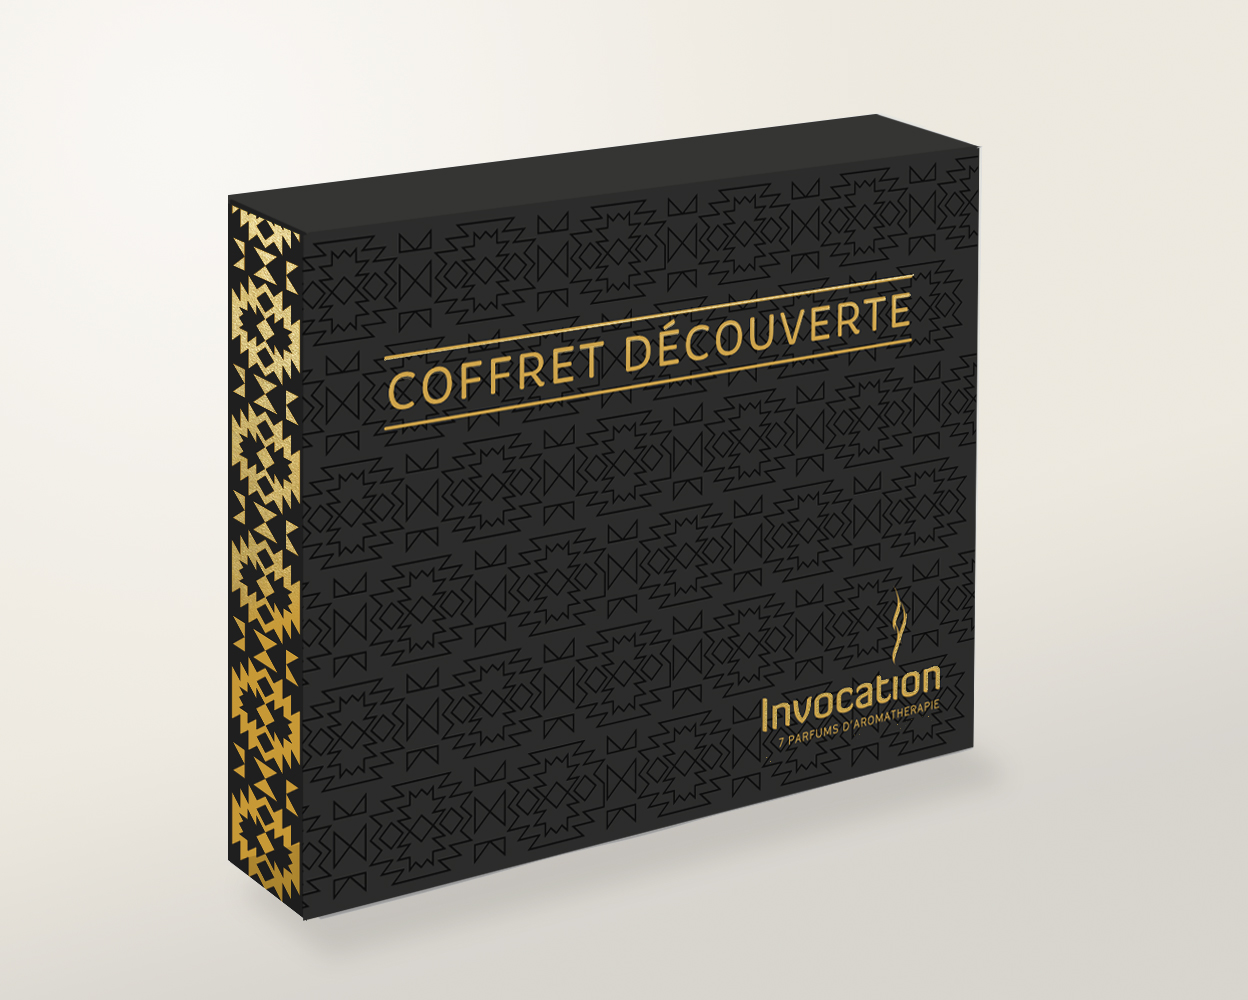 Coffret Découverte_Flat2